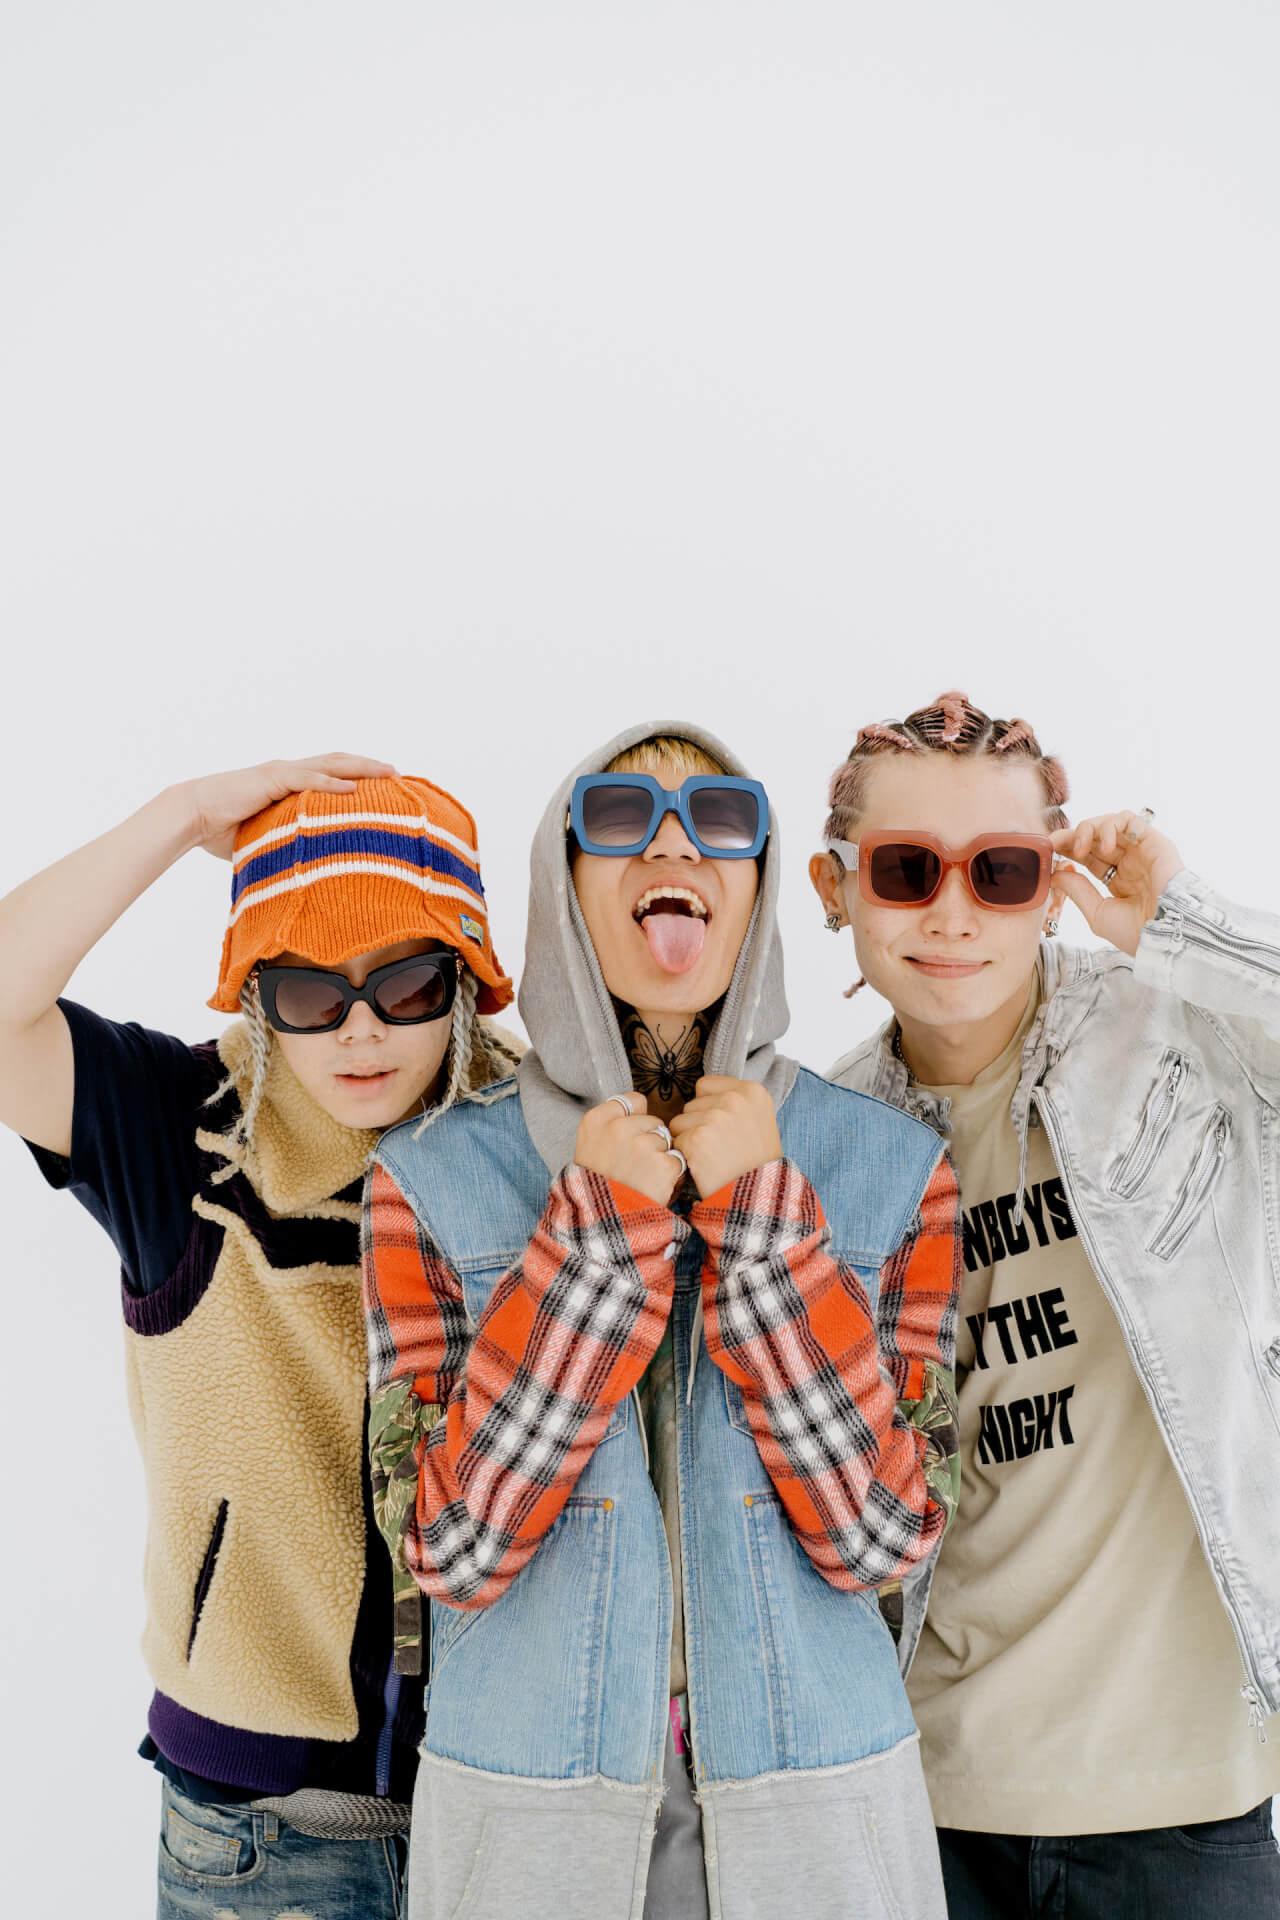 LEX、Only U、Yung sticky womによるコラボアルバム『COSMO WORLD』が本日配信リリース!KMがミキシング&マスタリングを担当 music210721_lex_onlyu_wom_2